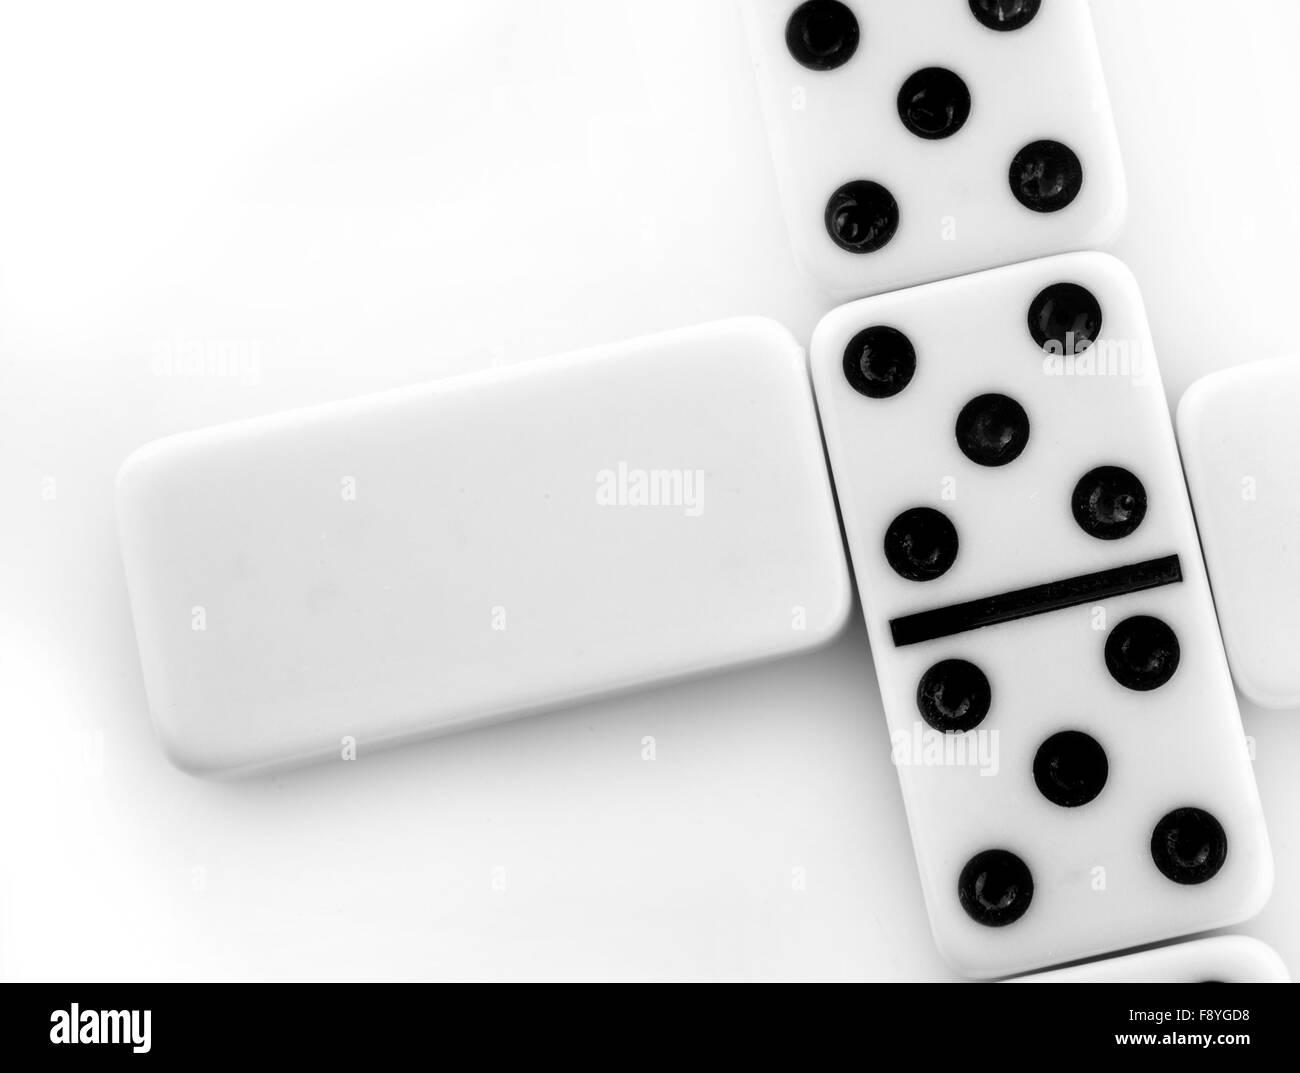 Domino in bianco su sfondo bianco Immagini Stock